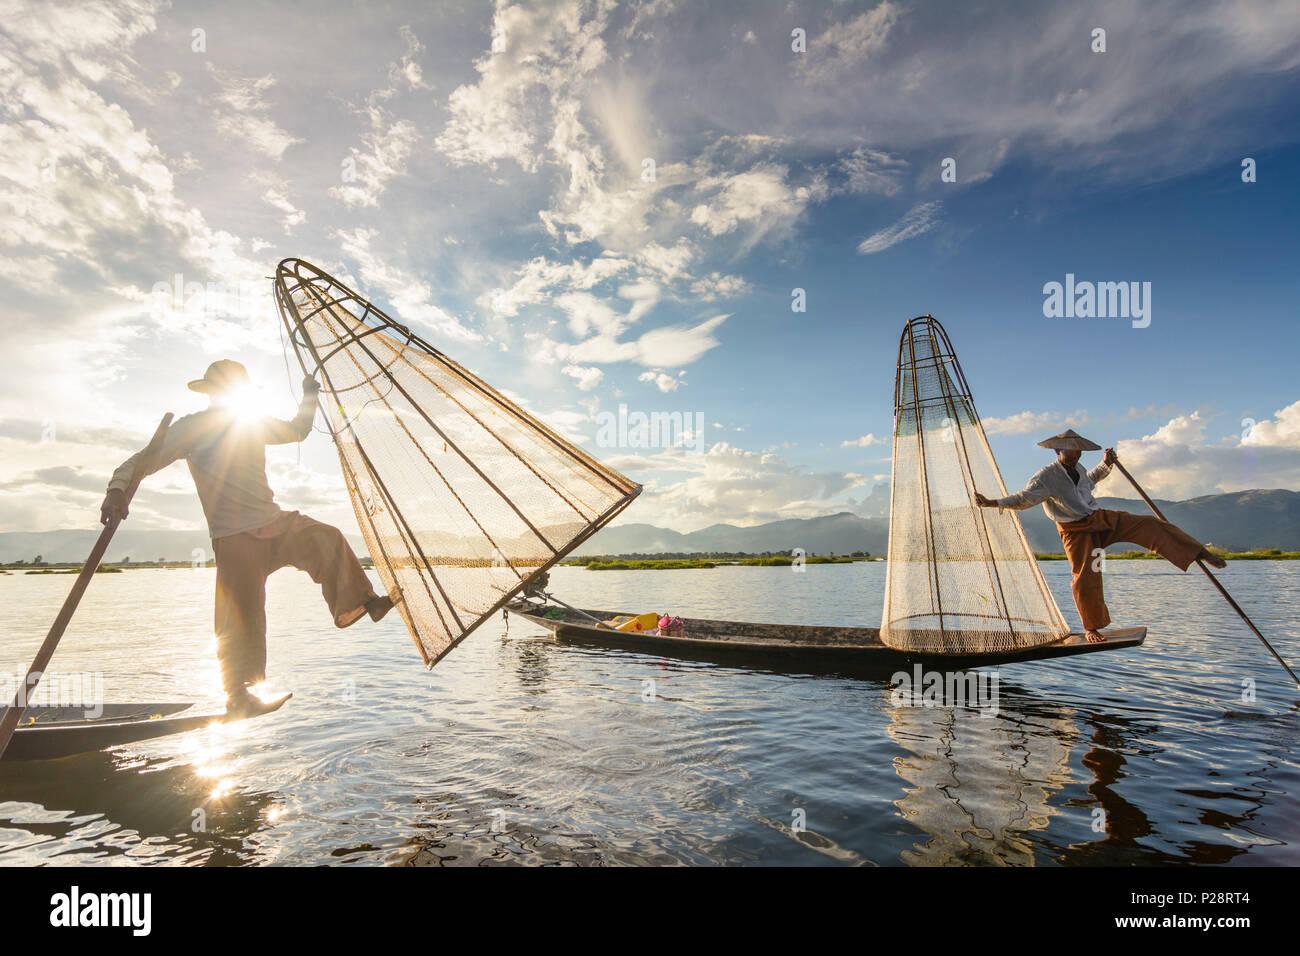 Nyaung Shwe, pescatore al Lago Inle con tradizionale conica Intha net, pesca net, gamba stile di voga, Intha persone, Lago Inle, Stato Shan, Myanmar (Birmania) Immagini Stock